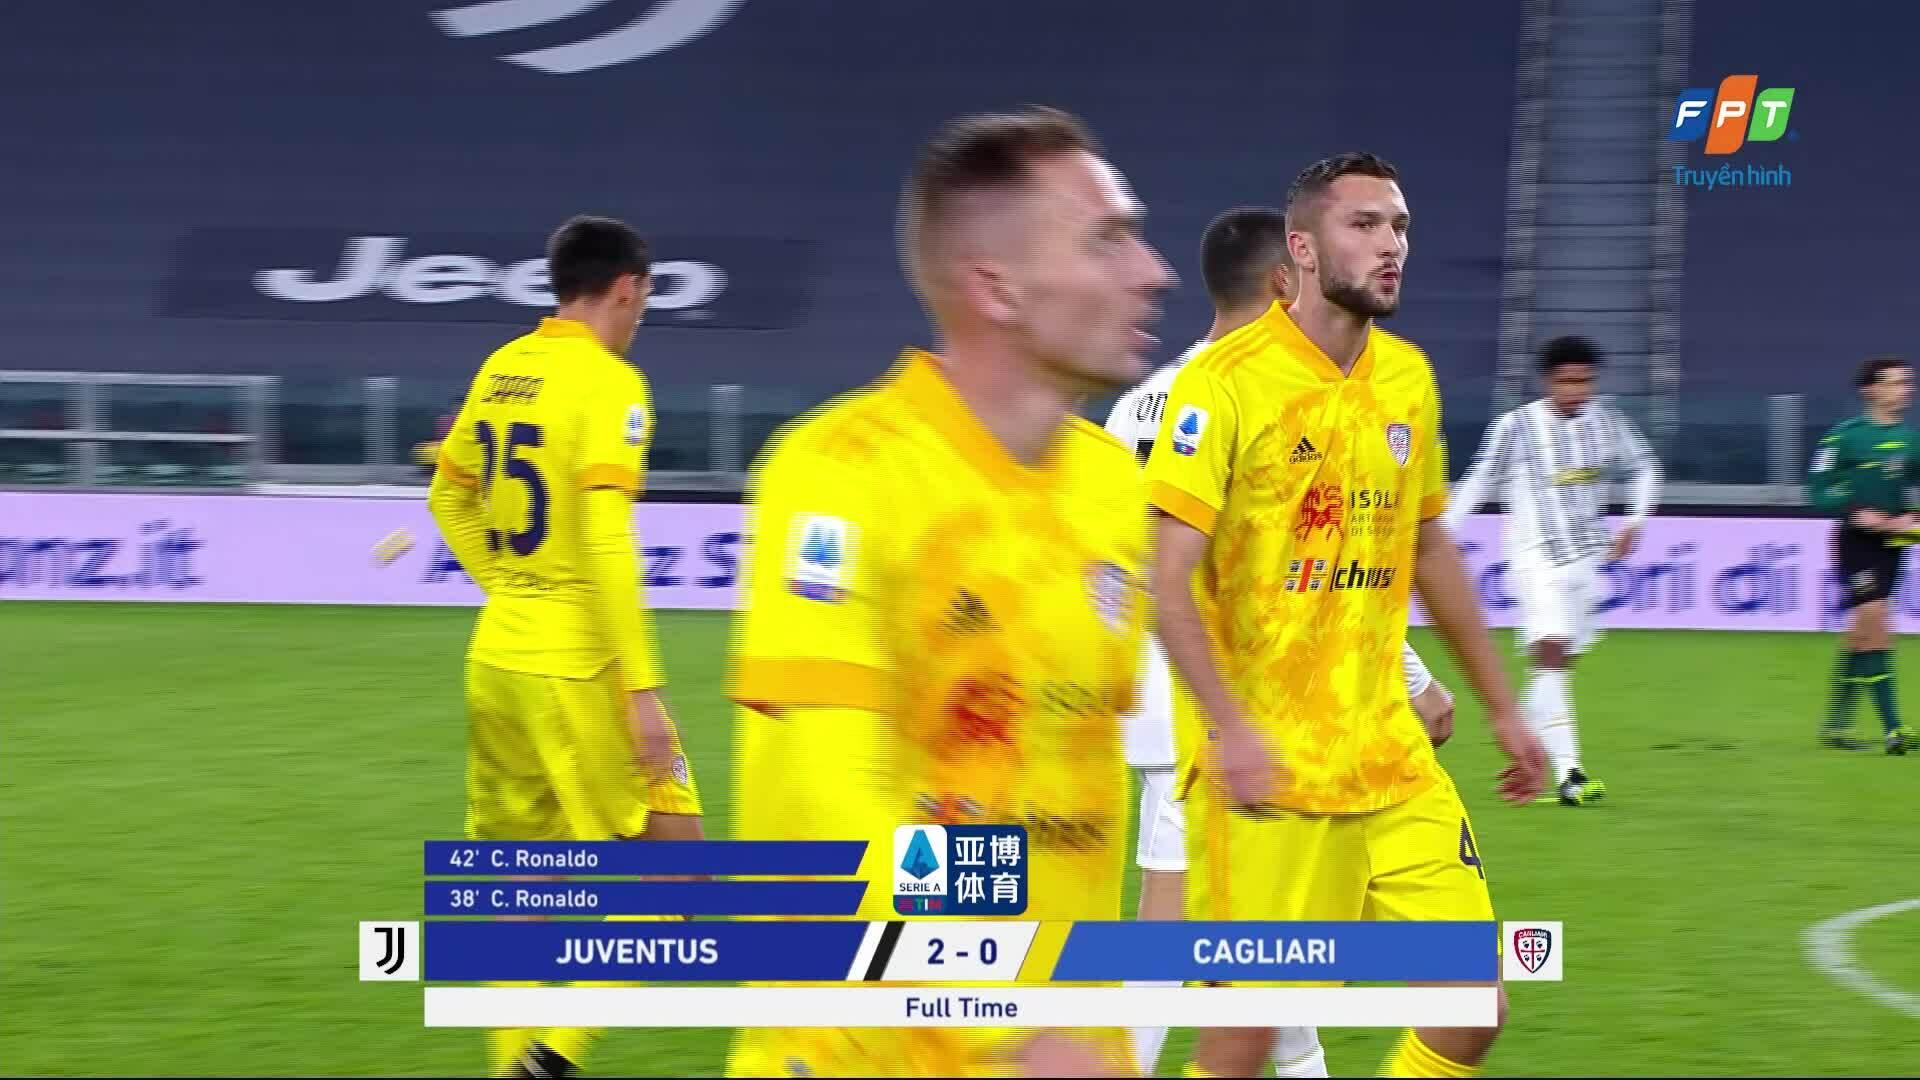 Juventus 2-0 Cagliari